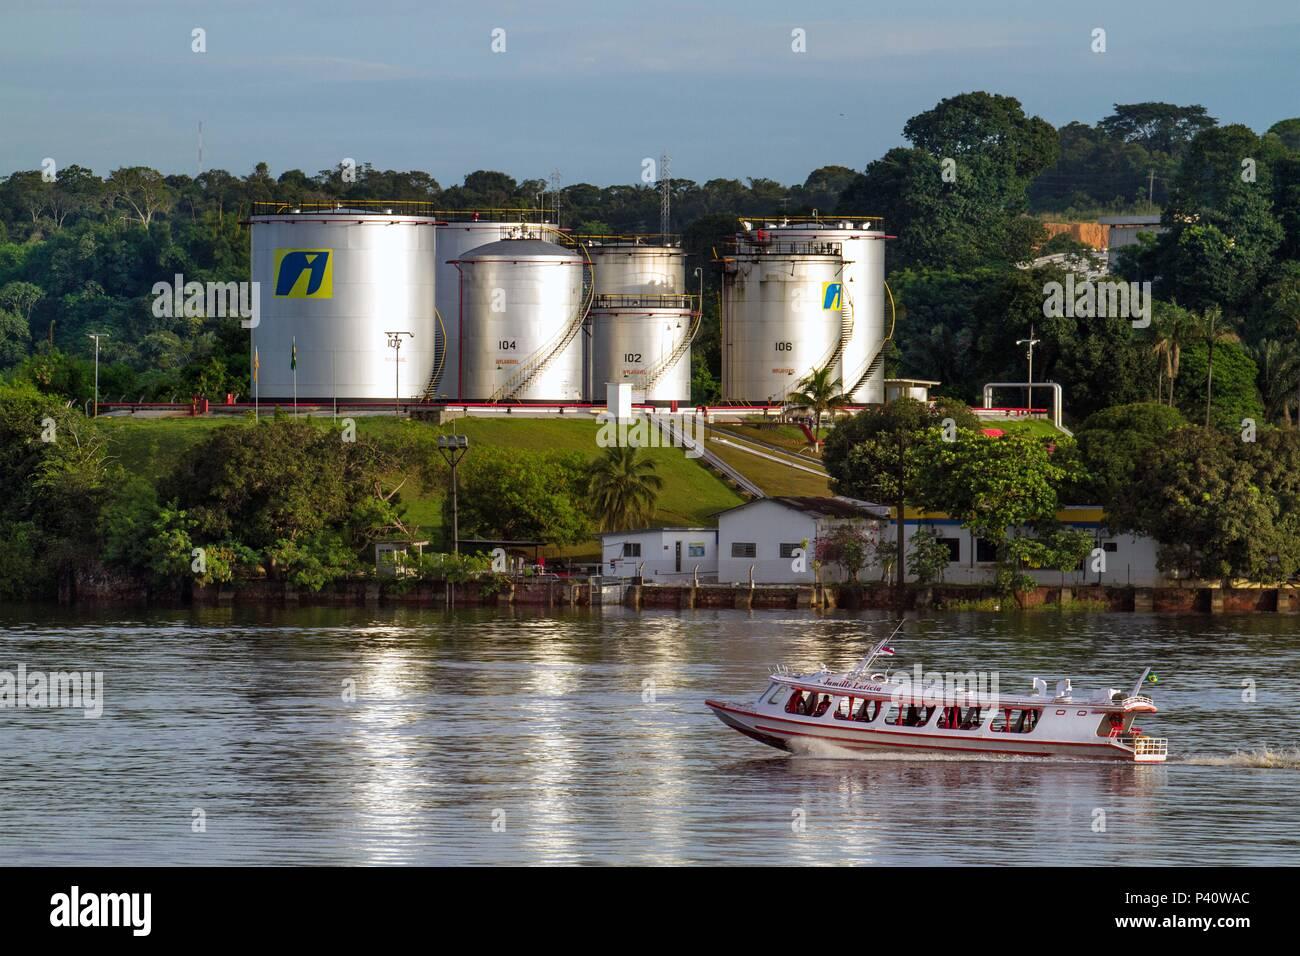 Río Negro - Manaus/AM Armazenamento de Líquido Inflamável Combustível combustíveis da Ipiranga Rio Rio Negro embarcação ningún río Negro Manaus Amazonas Norte do Brasil Brasil Imagen De Stock